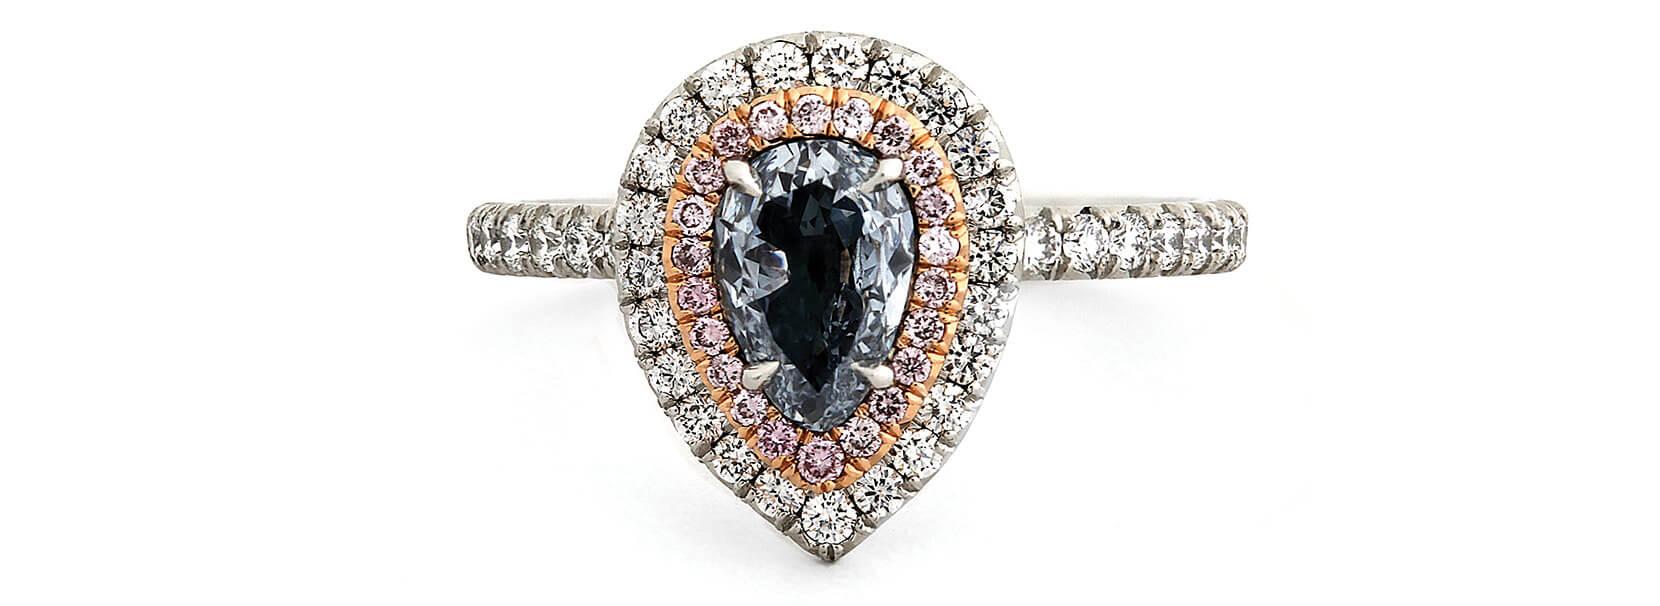 rare colored diamonds